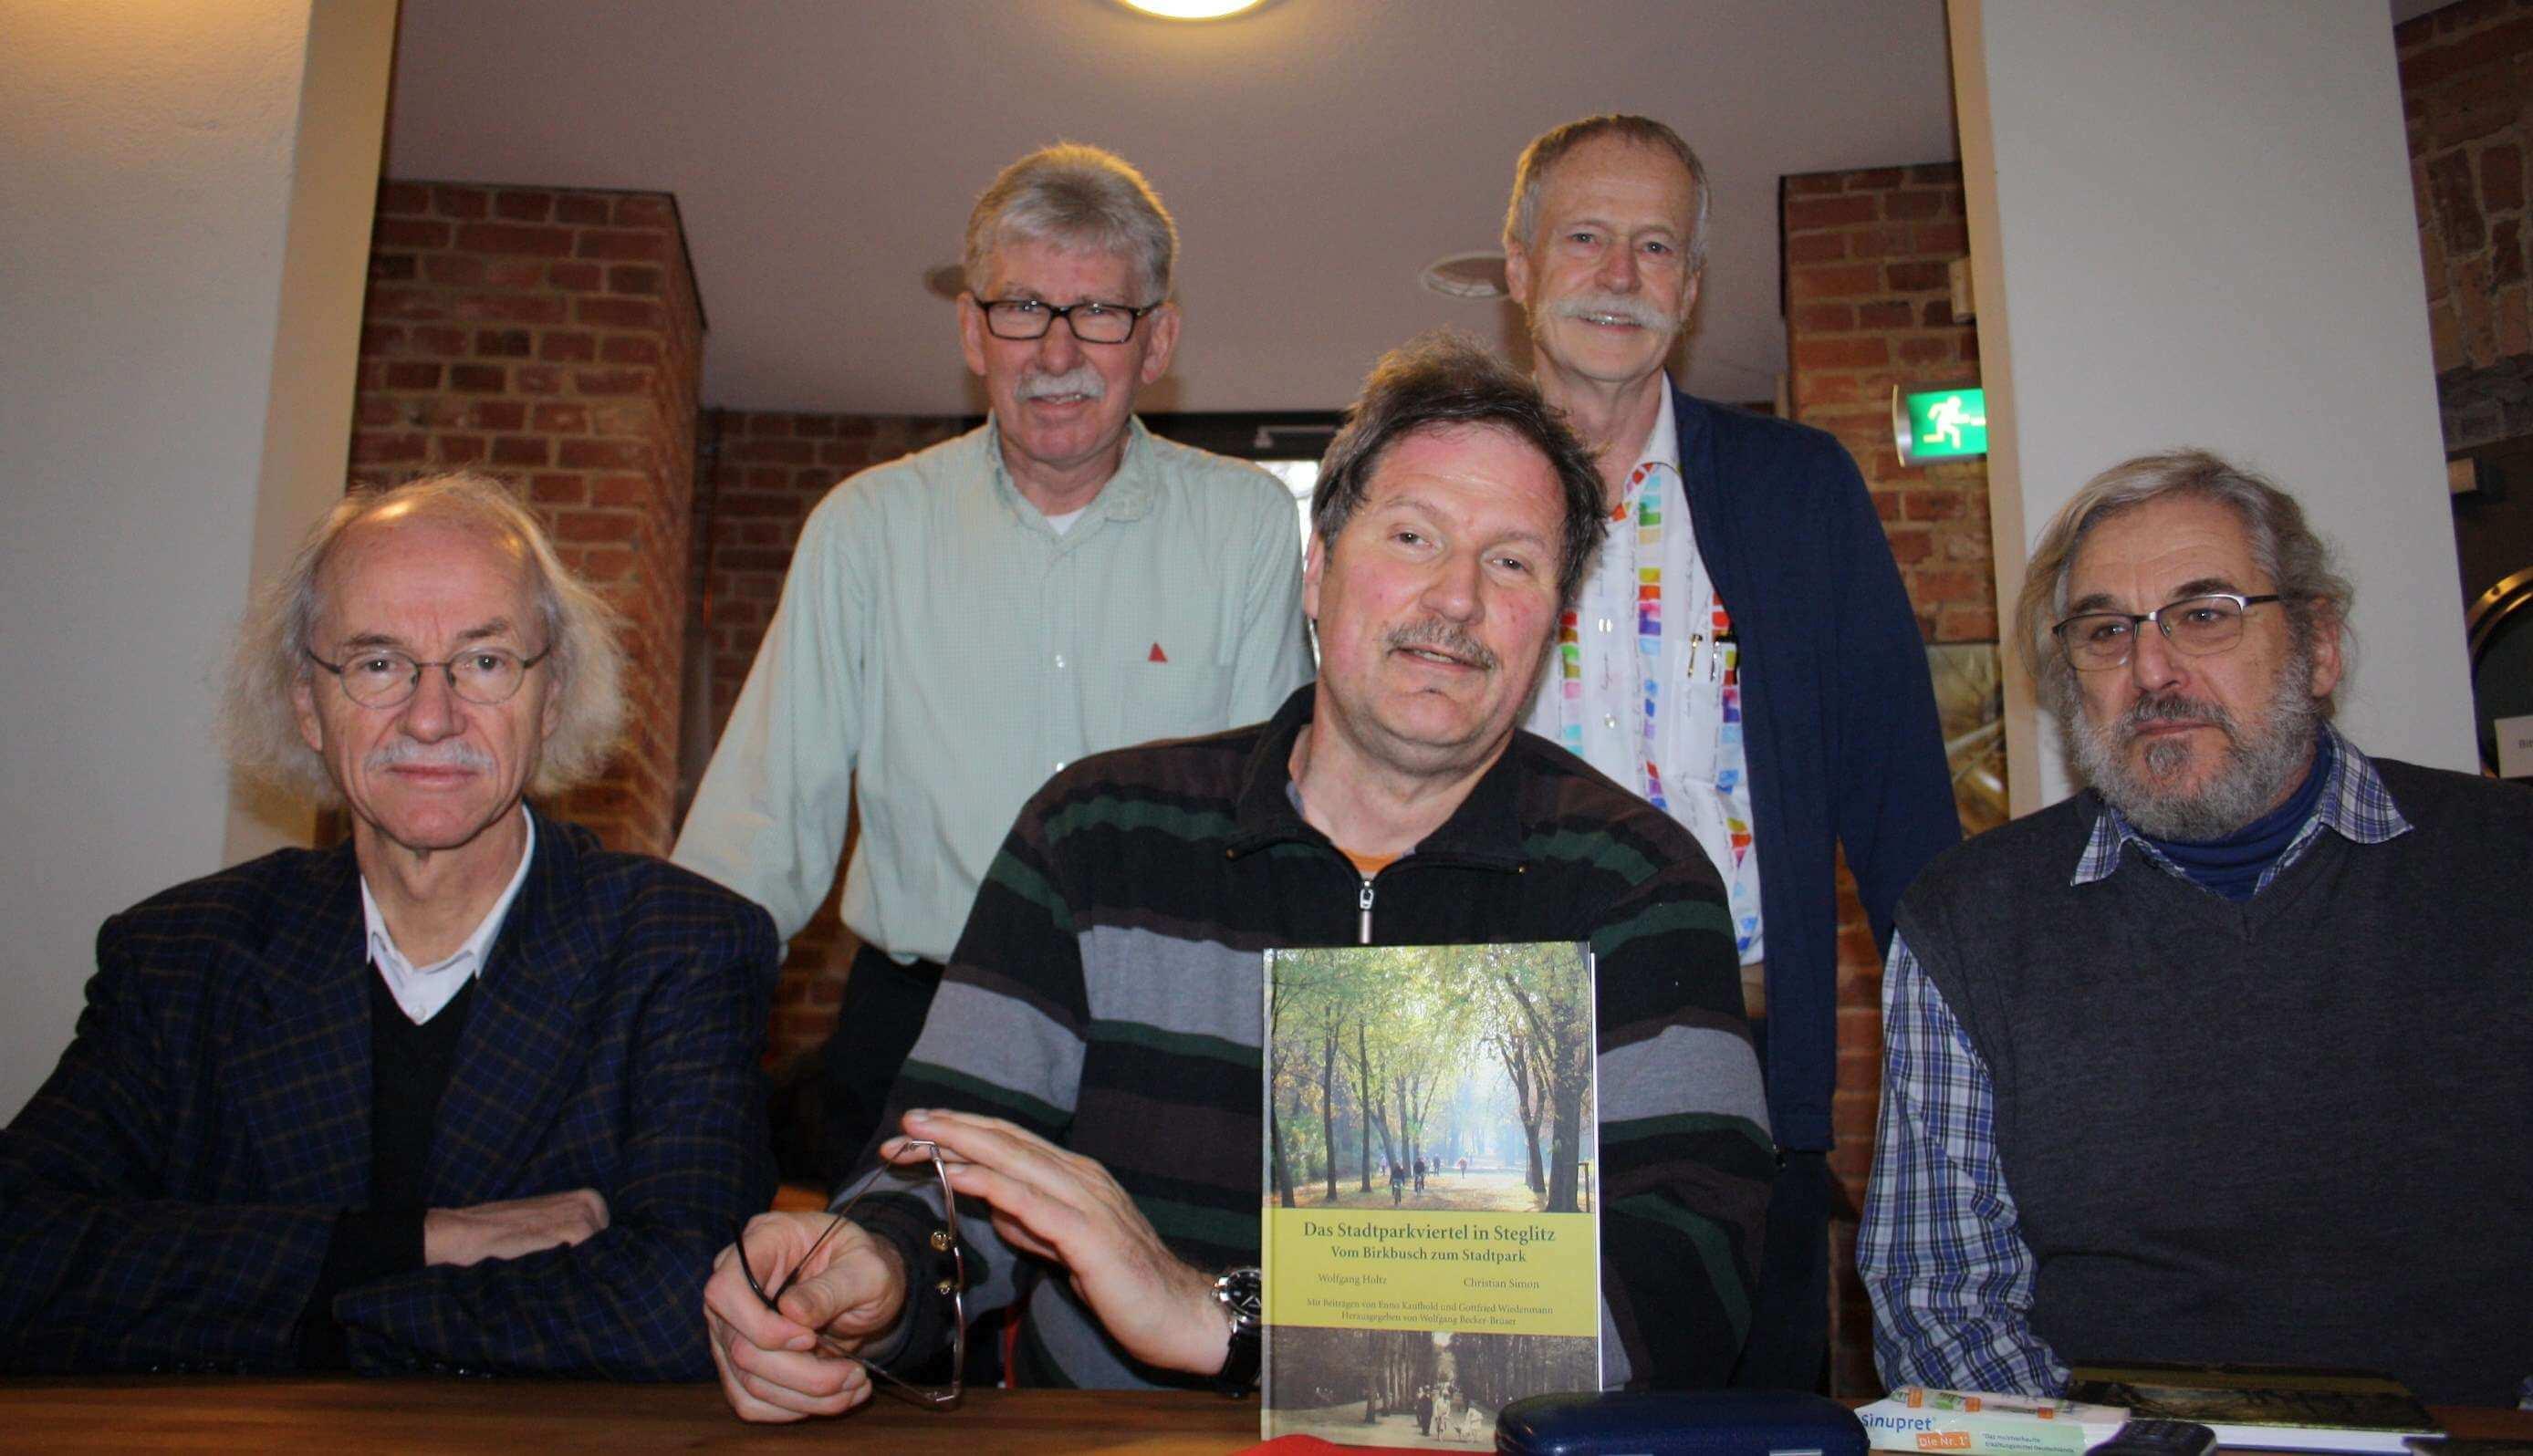 Mehr als Sträucher, Bäume Enten: Autoren stellen Buch über Steglitzer Stadtpark vor